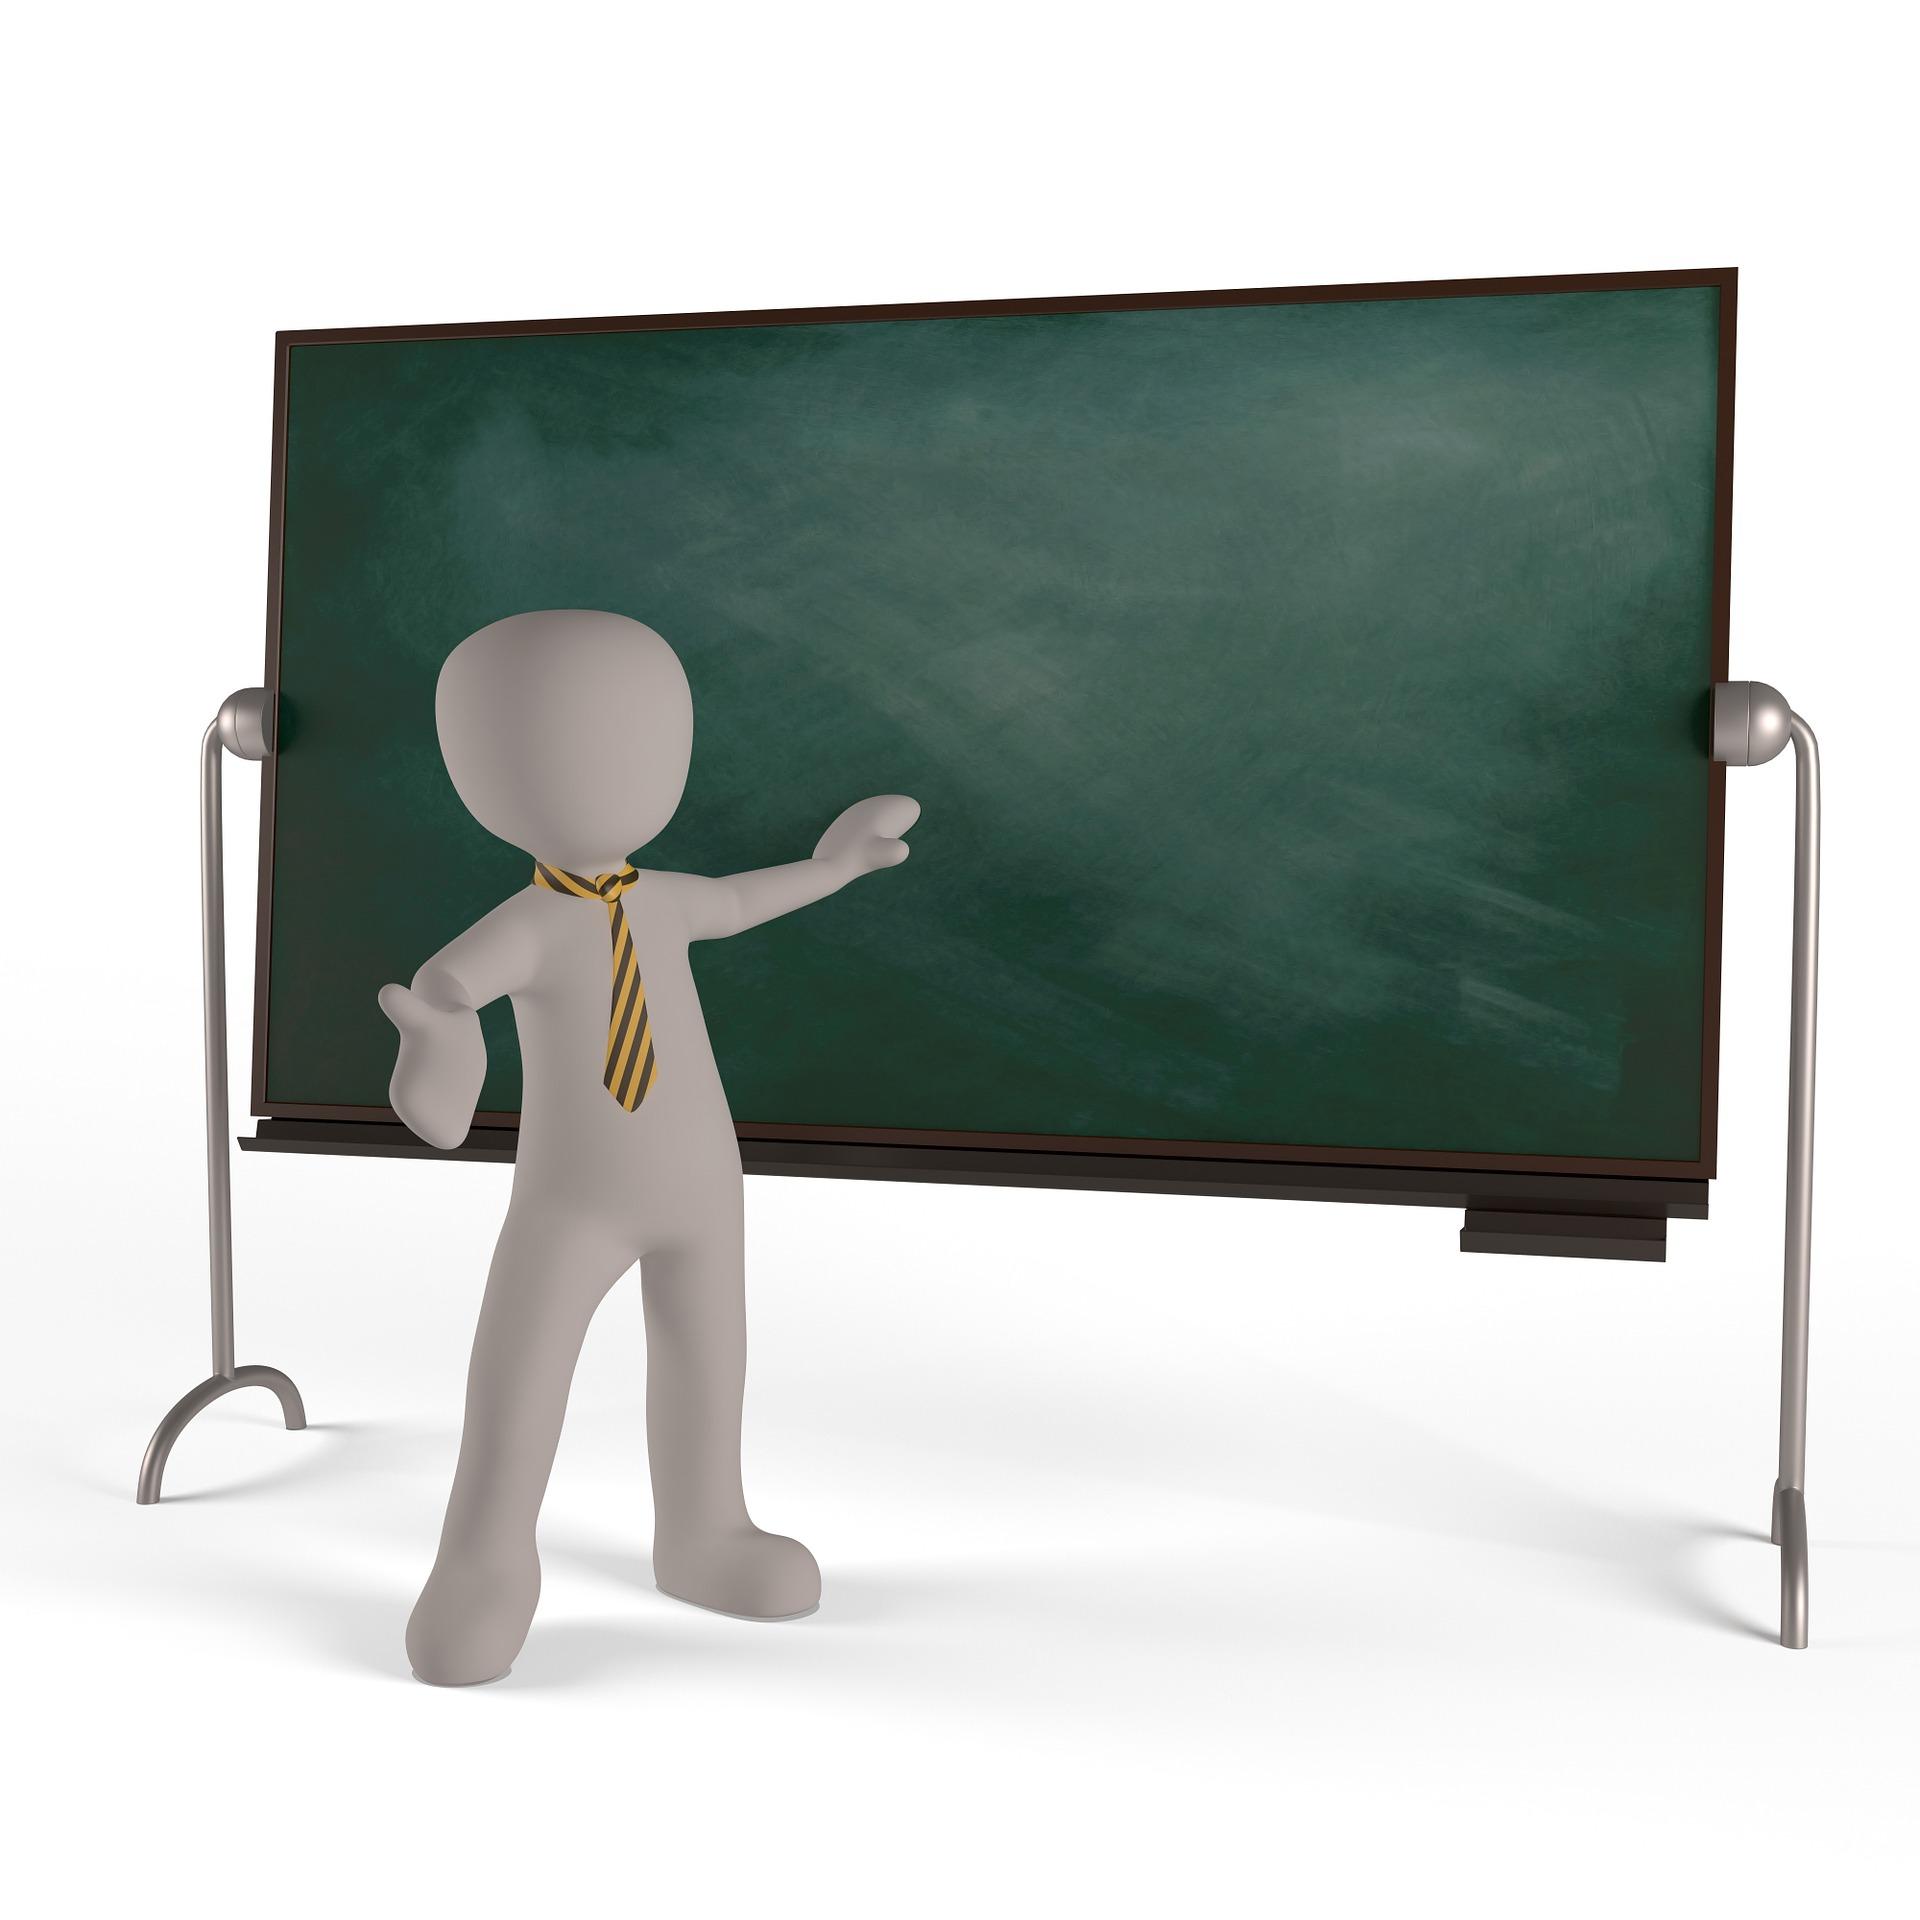 Lehrer*innenbildung